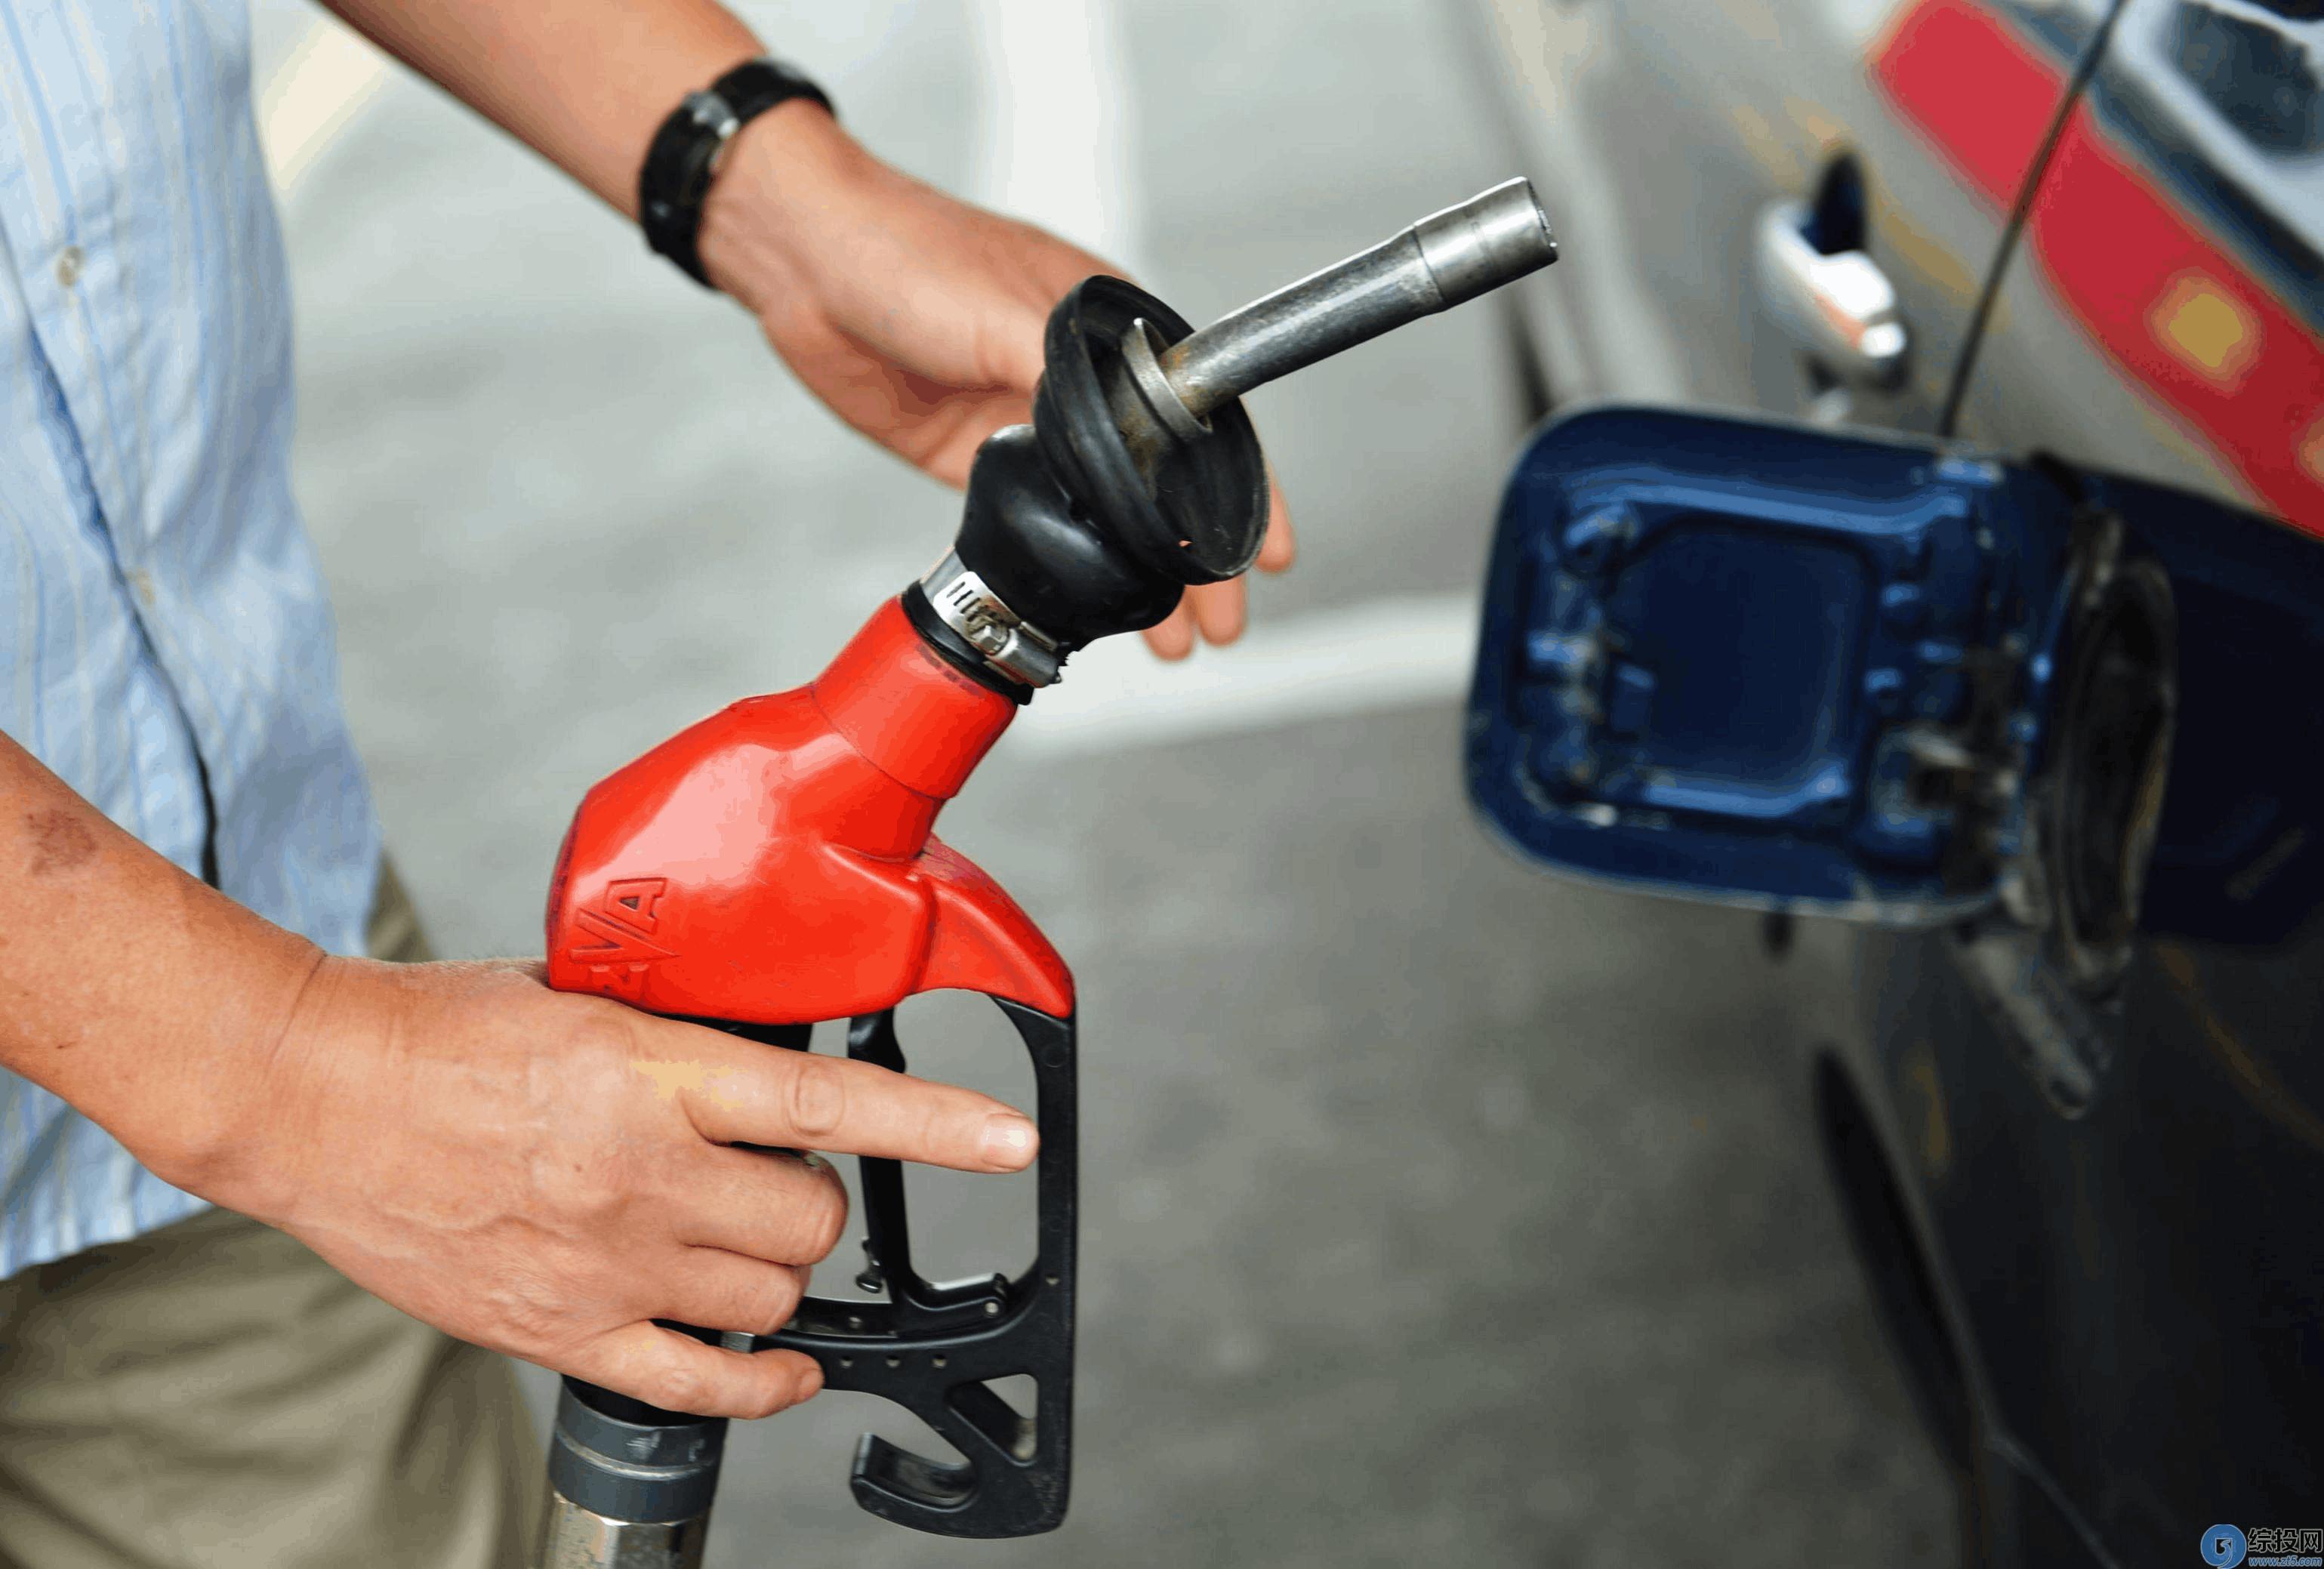 周四去加油吧 成品油价预计每升上调0.08至0.11元